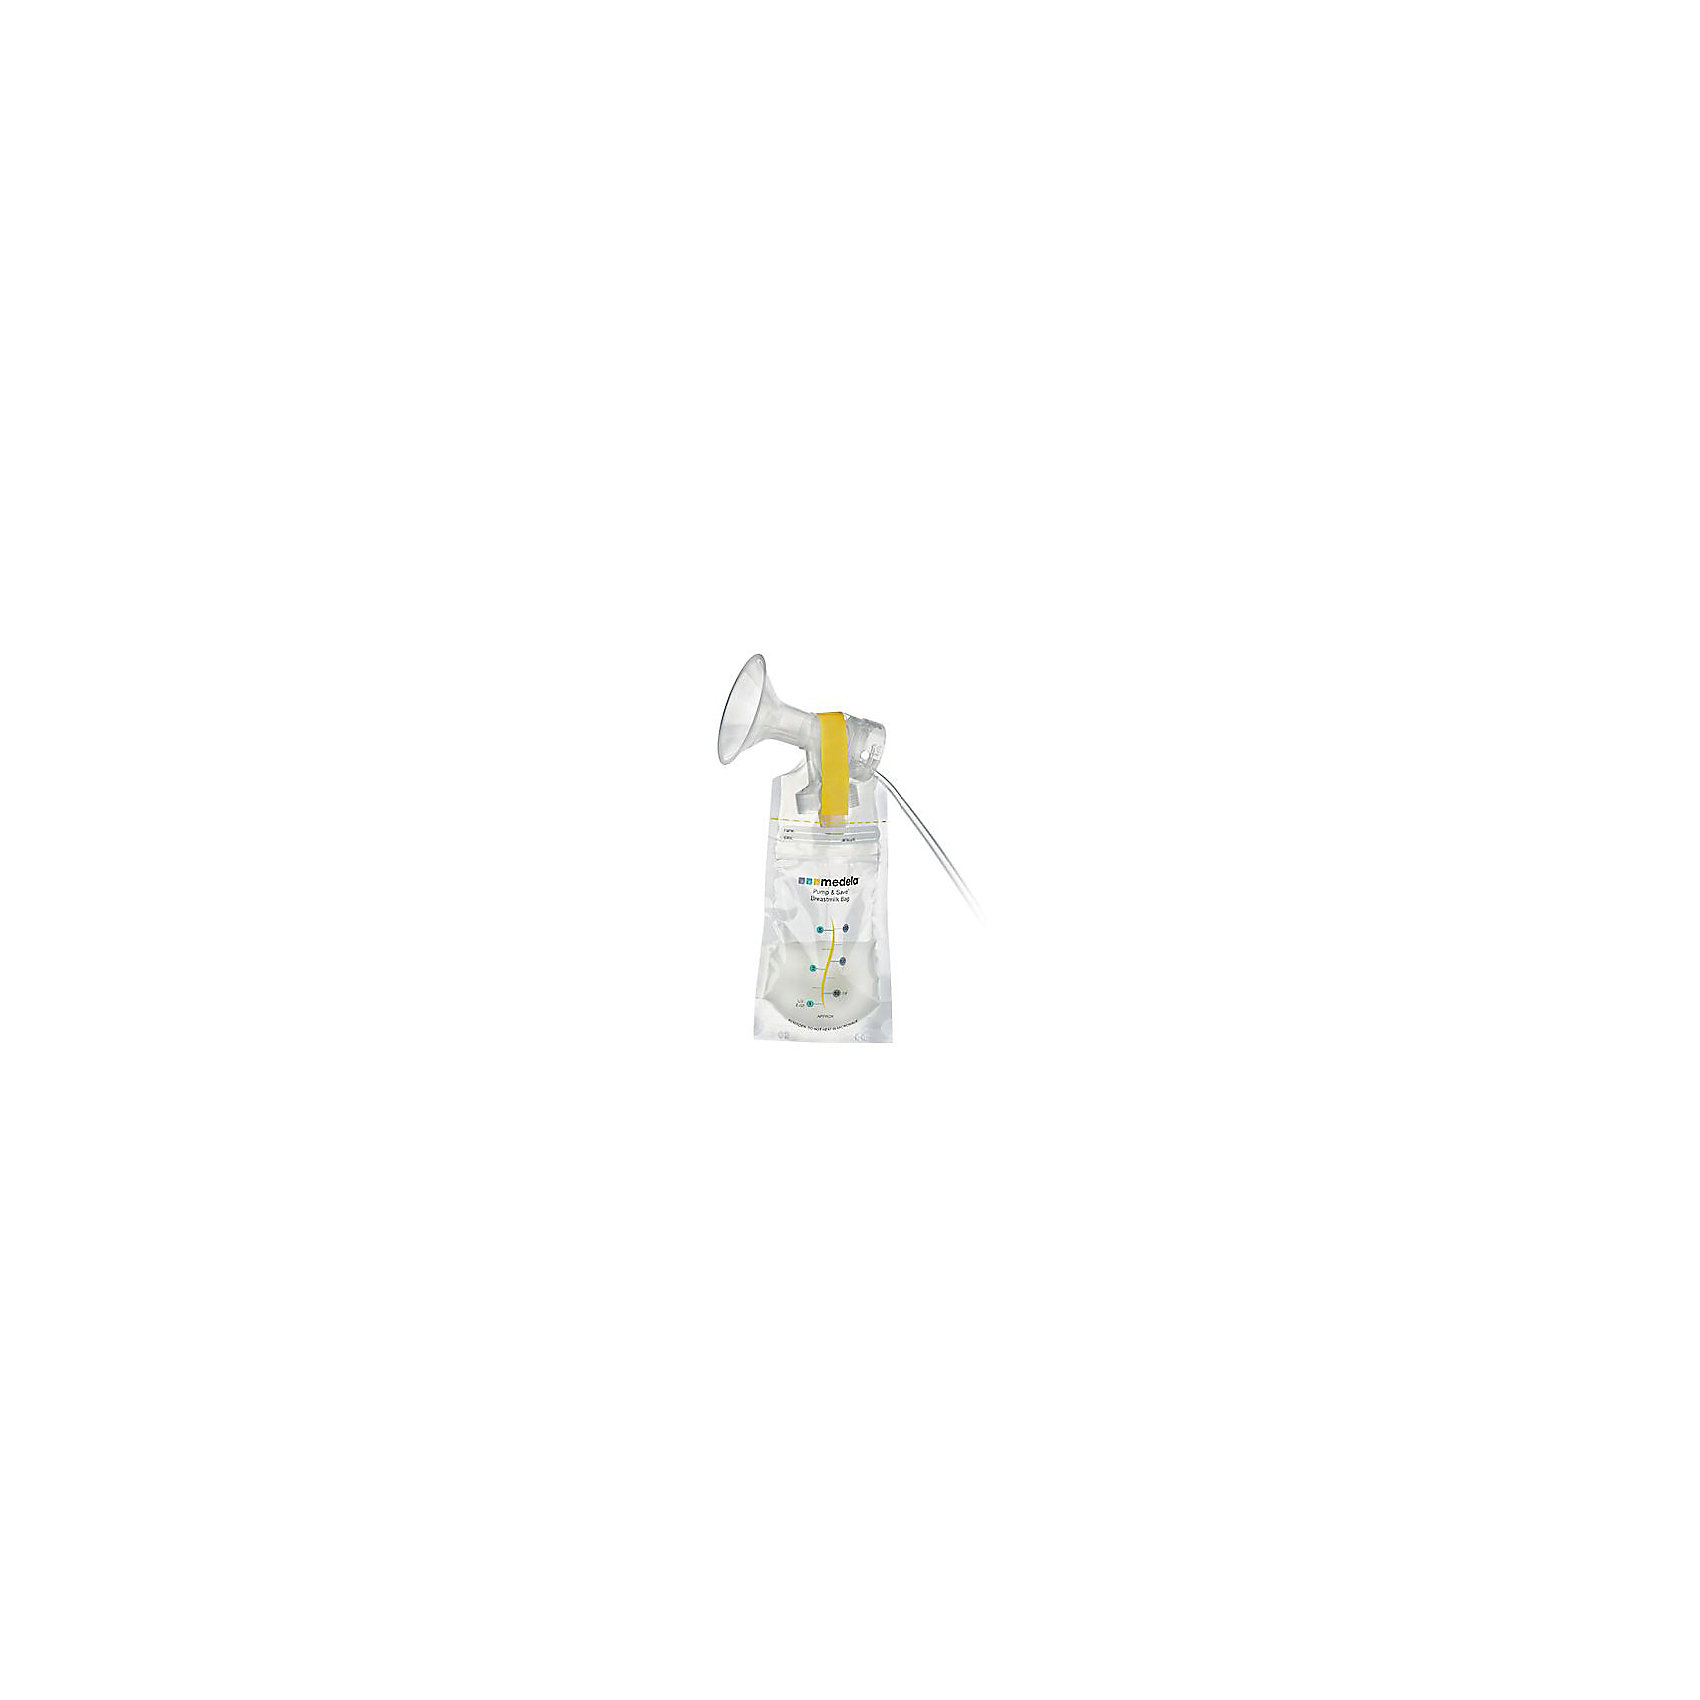 Пакеты одноразовые Pump  Save для сбора и хранения грудного молока 20шт., Medela